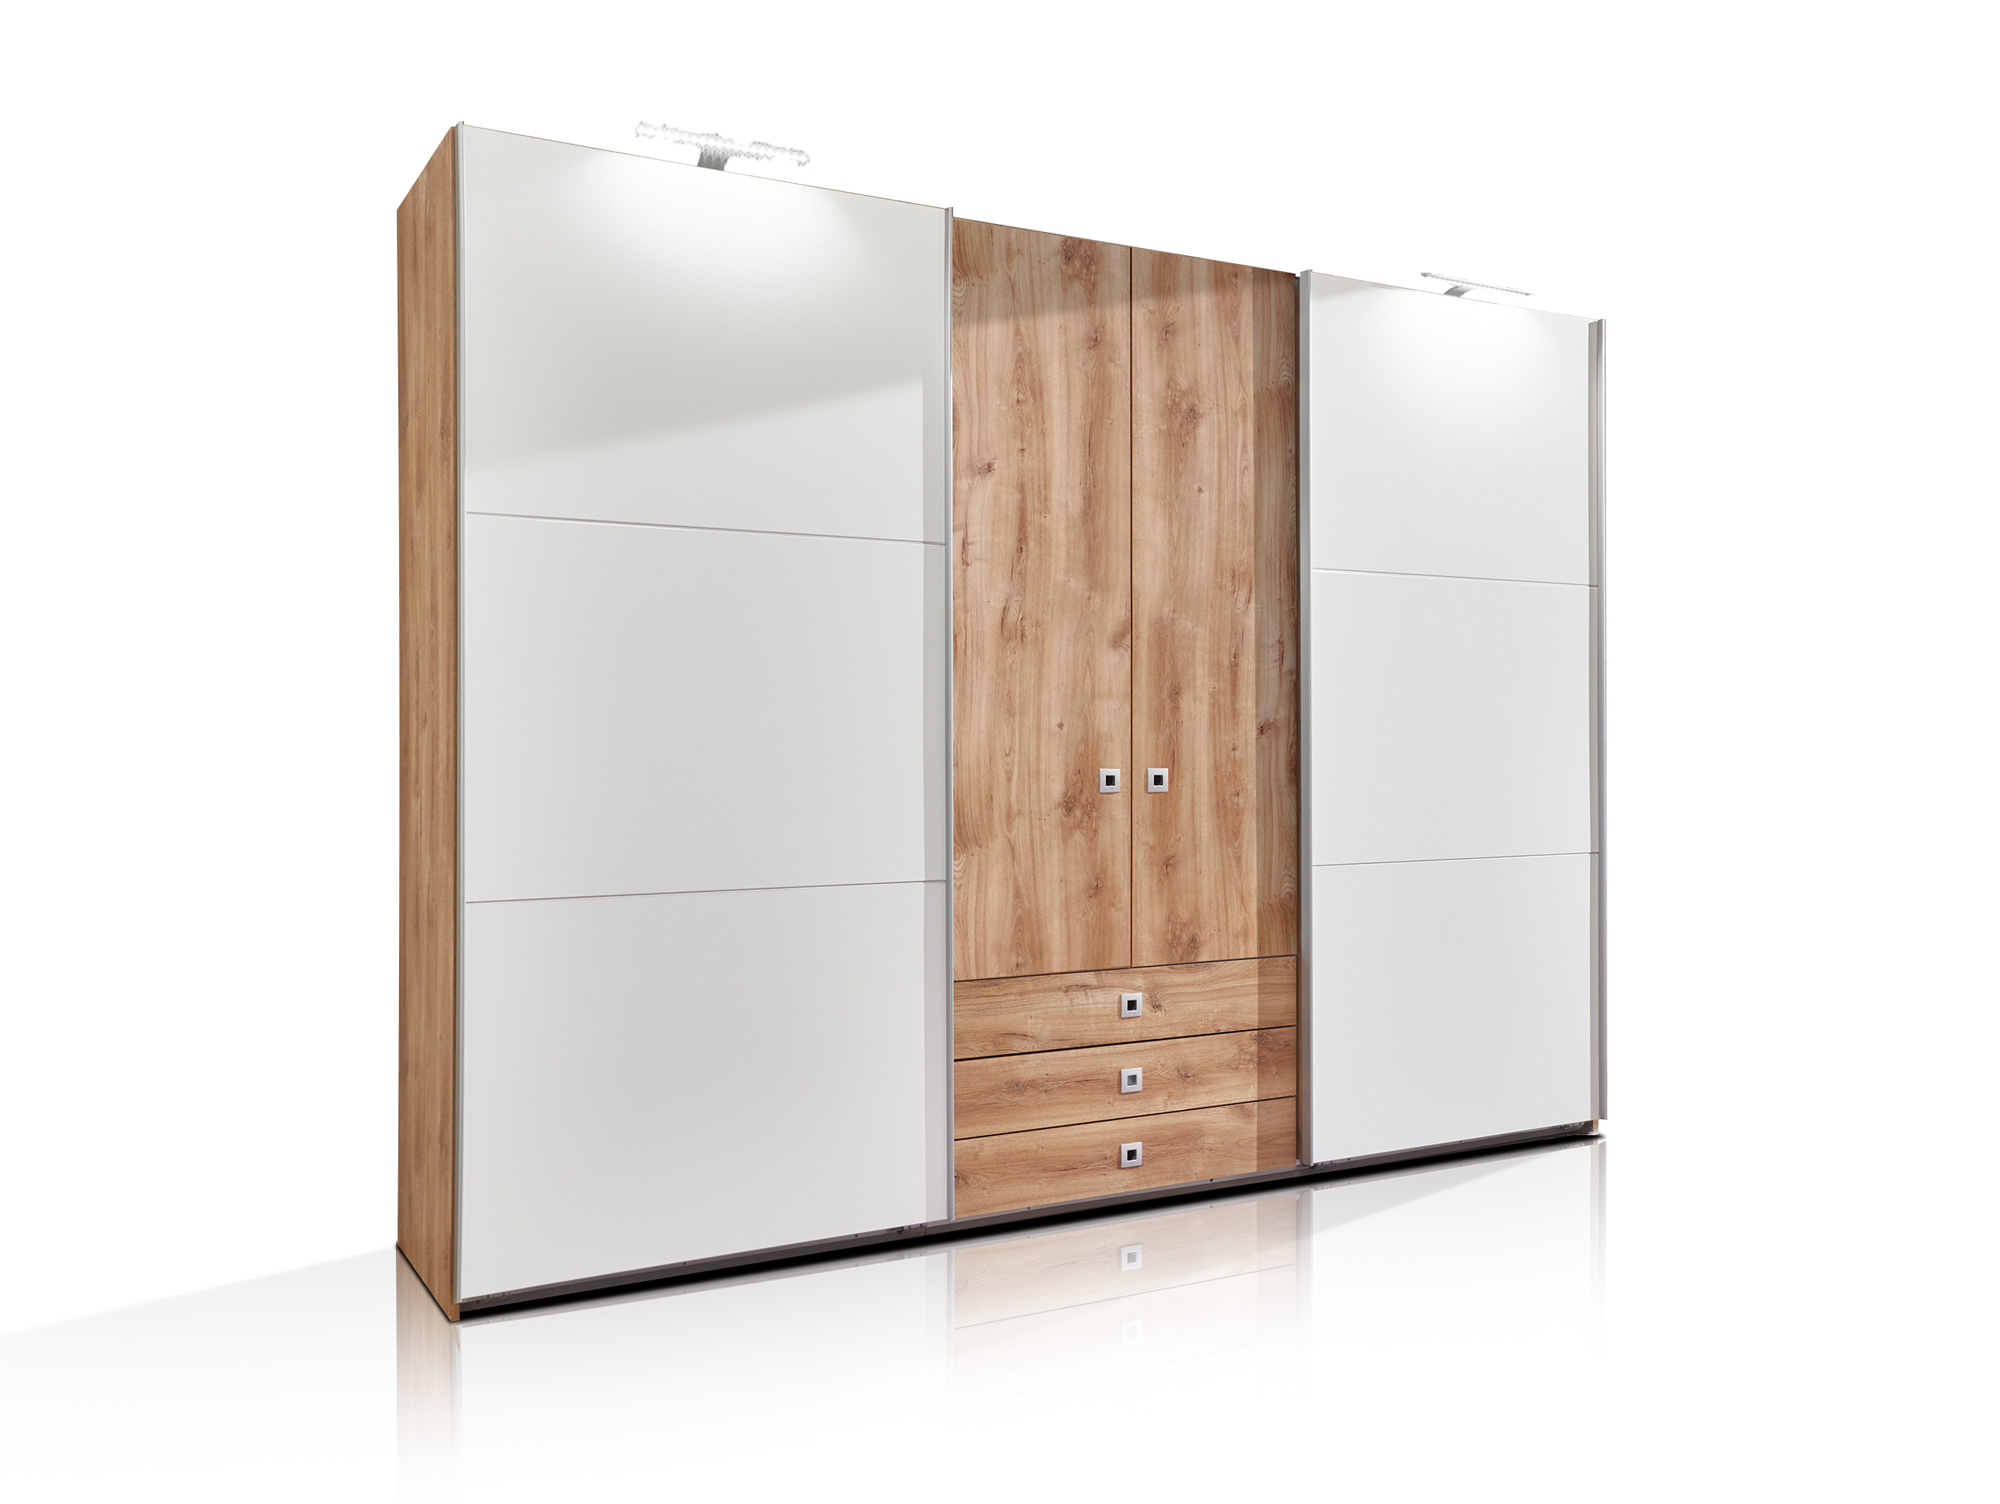 toledo kleiderschrank schwebe dreht renschrank plankeneiche weiss ohne spiegel. Black Bedroom Furniture Sets. Home Design Ideas